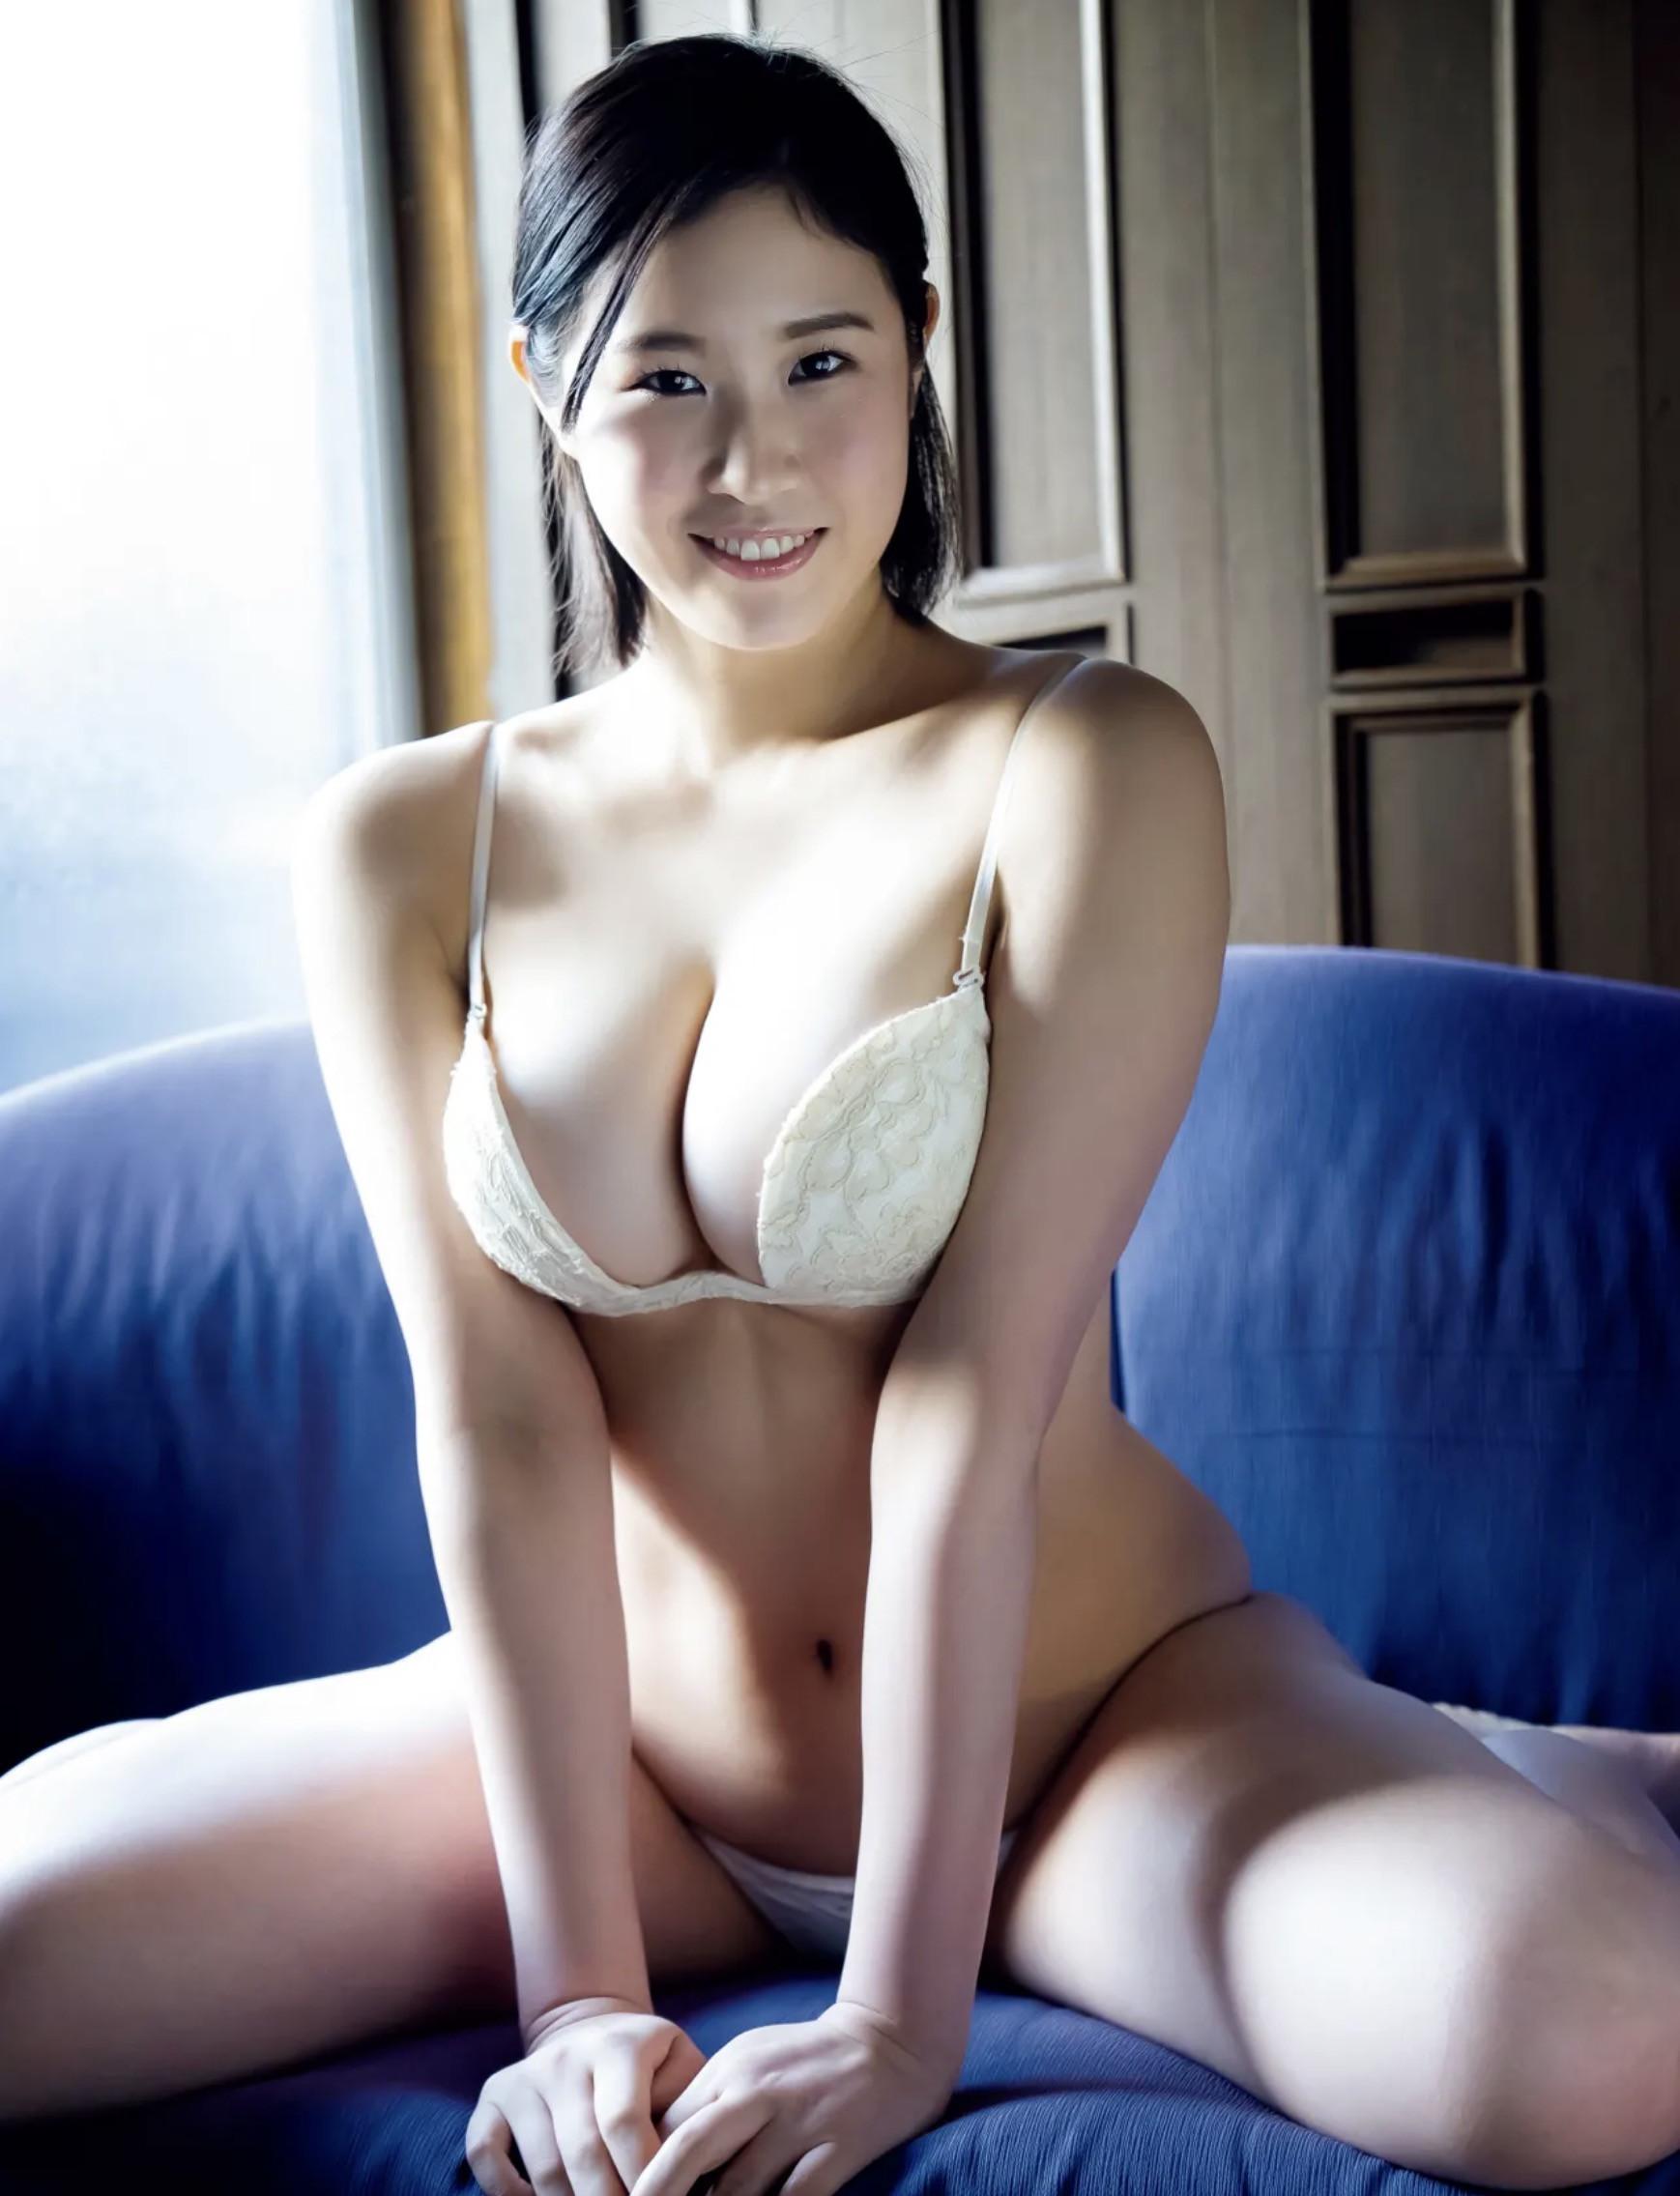 東宮梨紗 H乳天然ピュアボディ photo 006